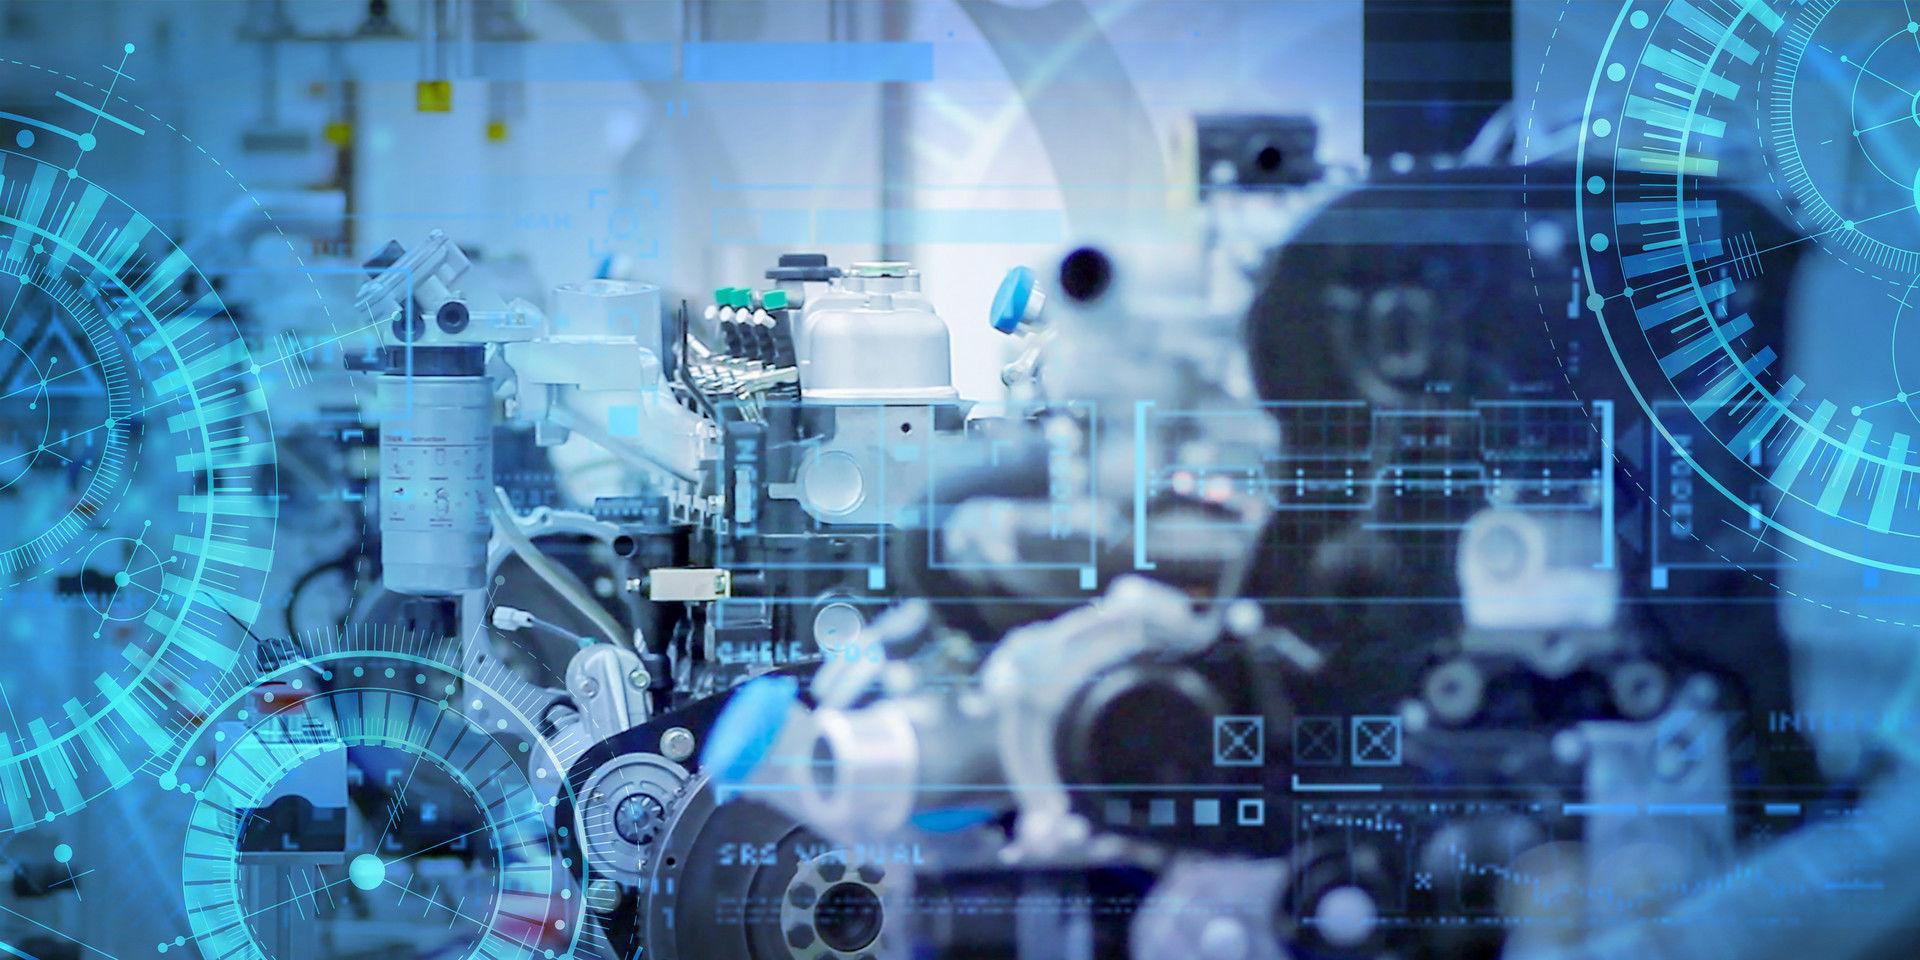 军事资讯_青岛发起高端制造业+人工智能攻势 由制造迈向智造_青岛频道 ...